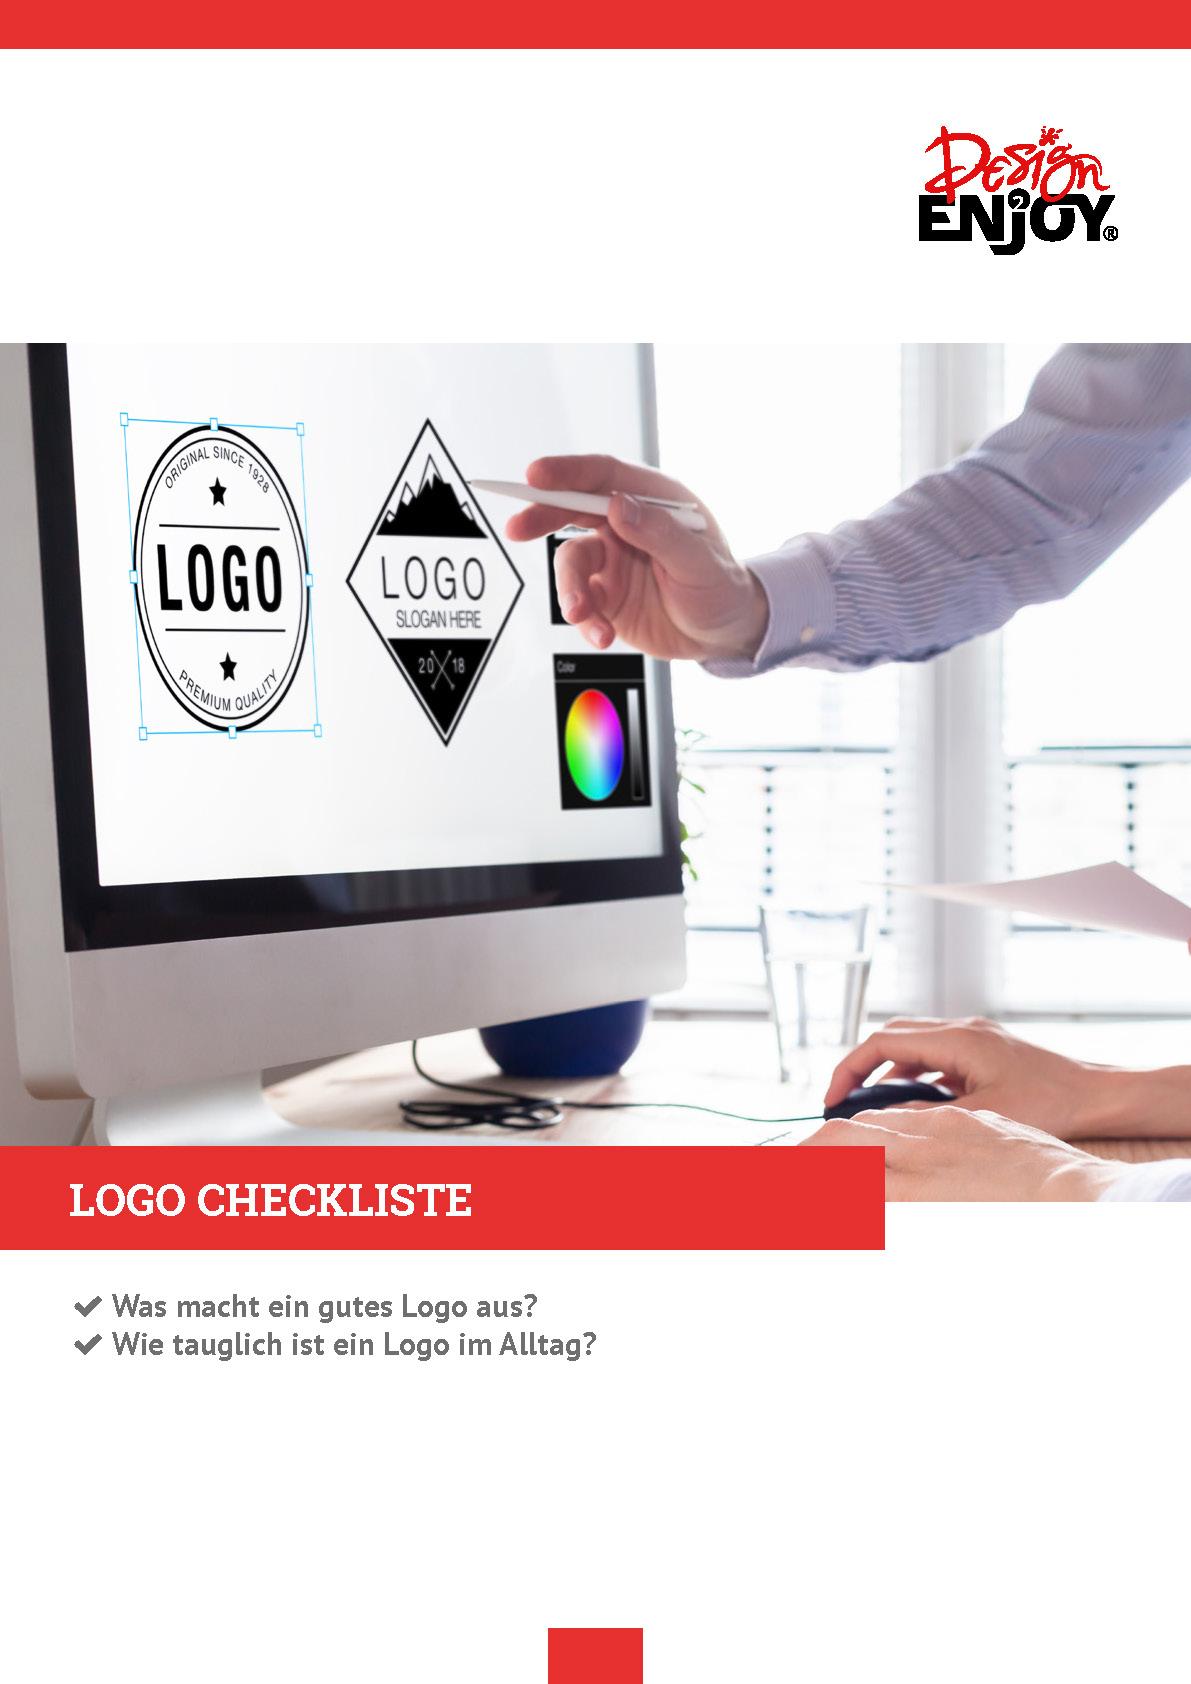 Tauglichkeitsprüfung eines Logos